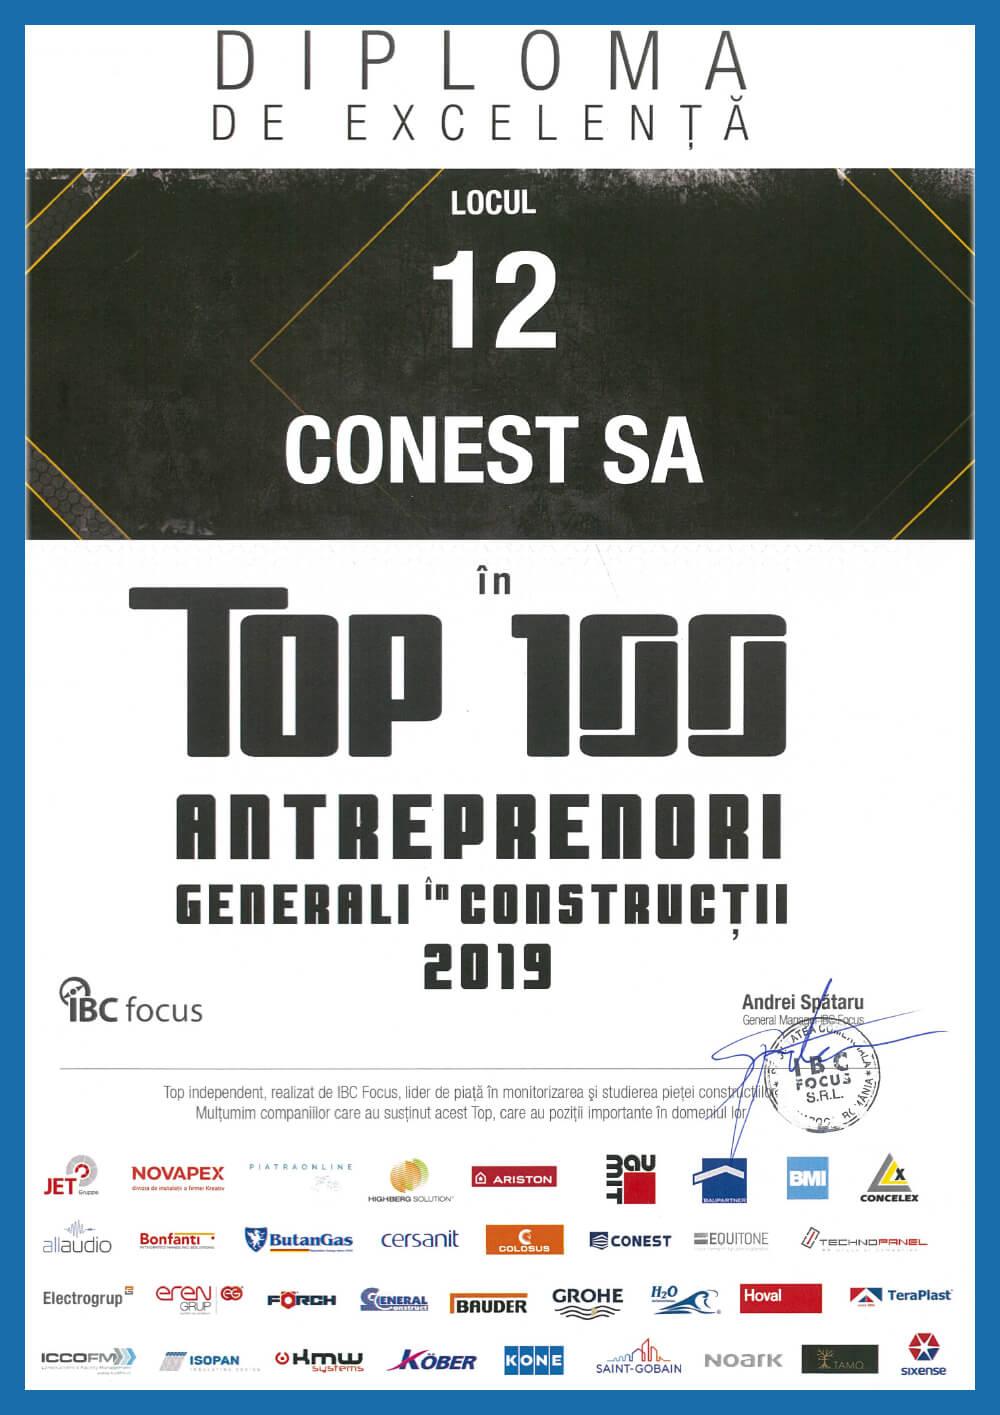 conest_constructii_iasi_diploma_de_excelenta_top_100_antreprenori